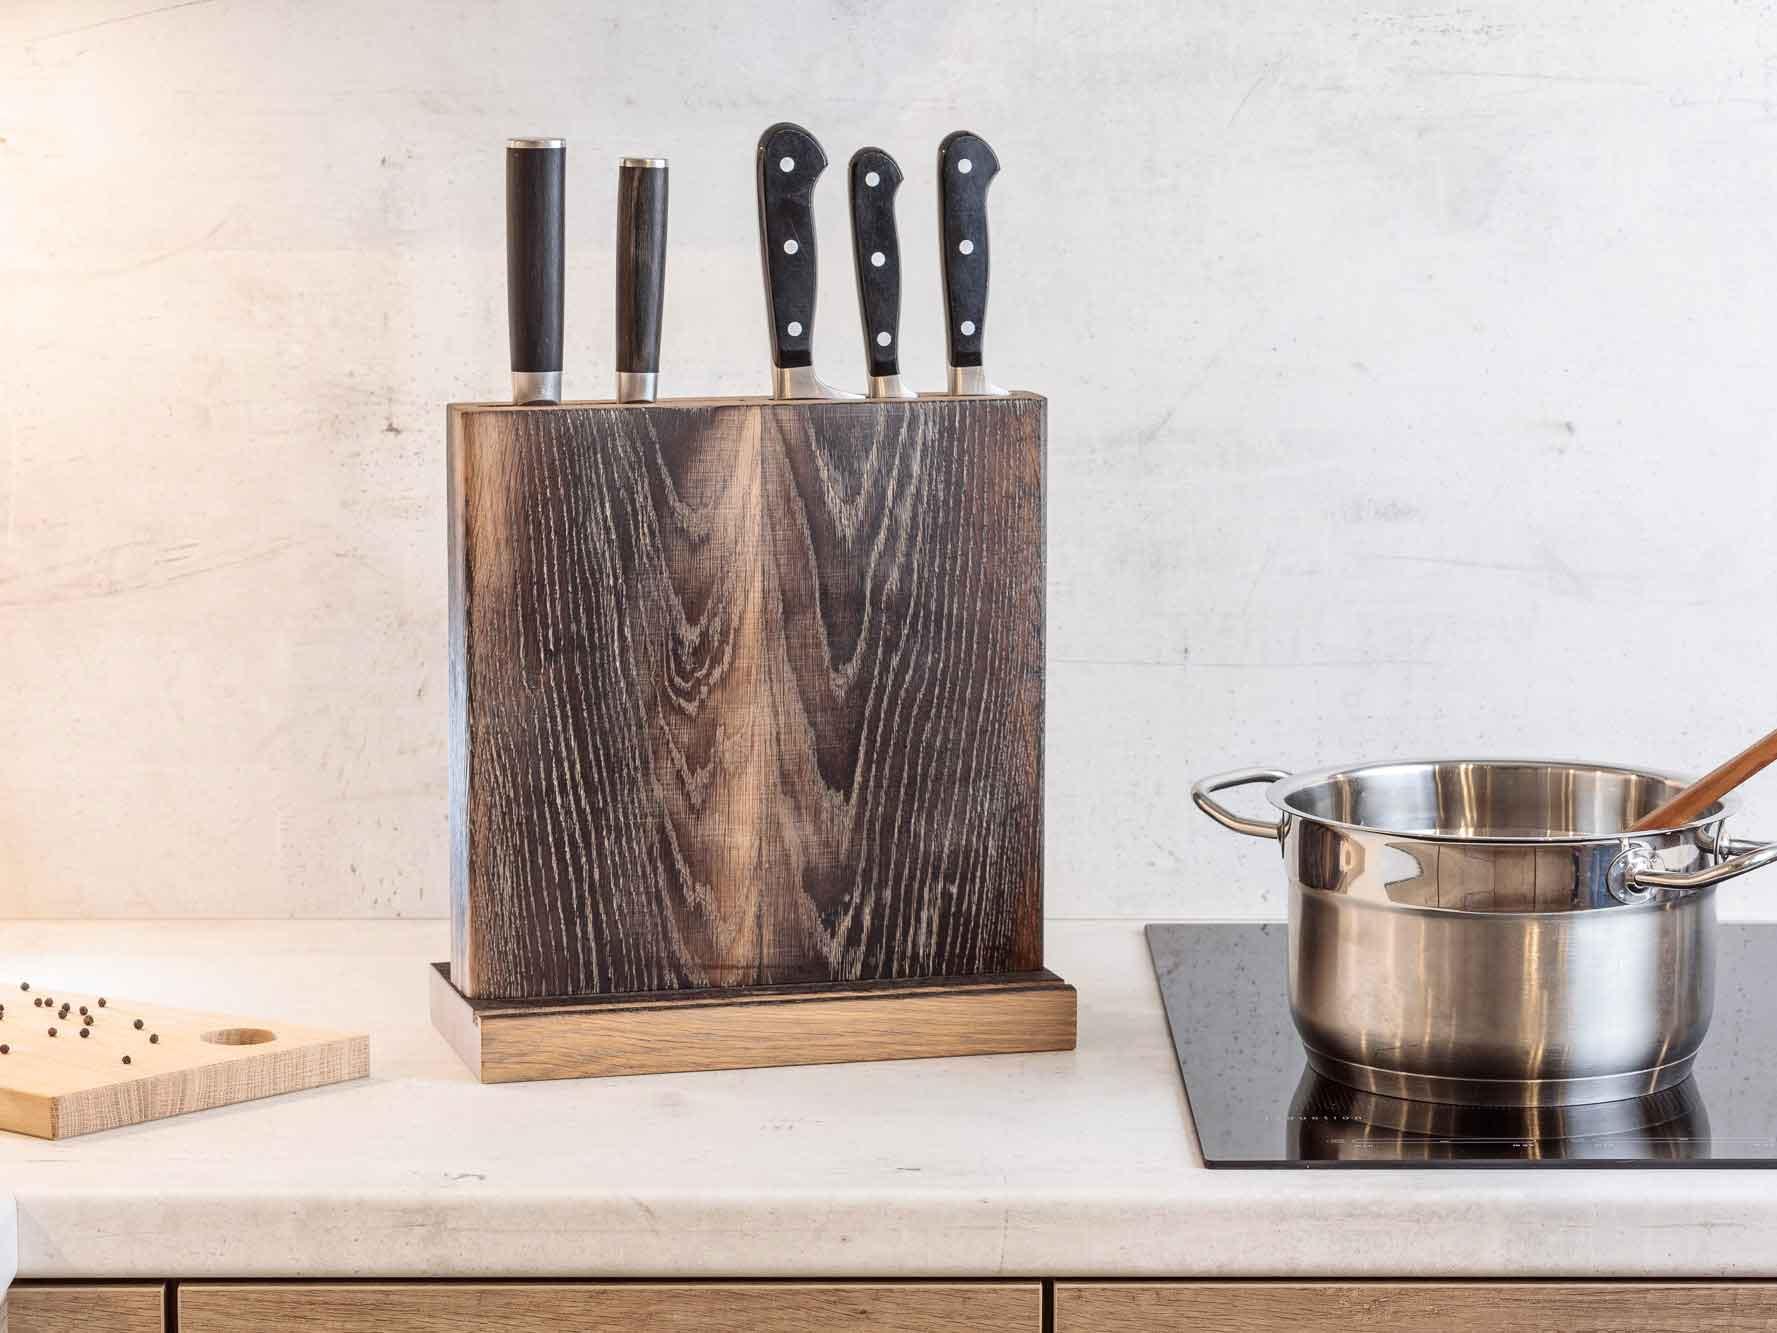 Messerblock Swatkiel geköhlt, gewaschen mit Tabletnut neben einem Kochtopf auf dem Kochfeld